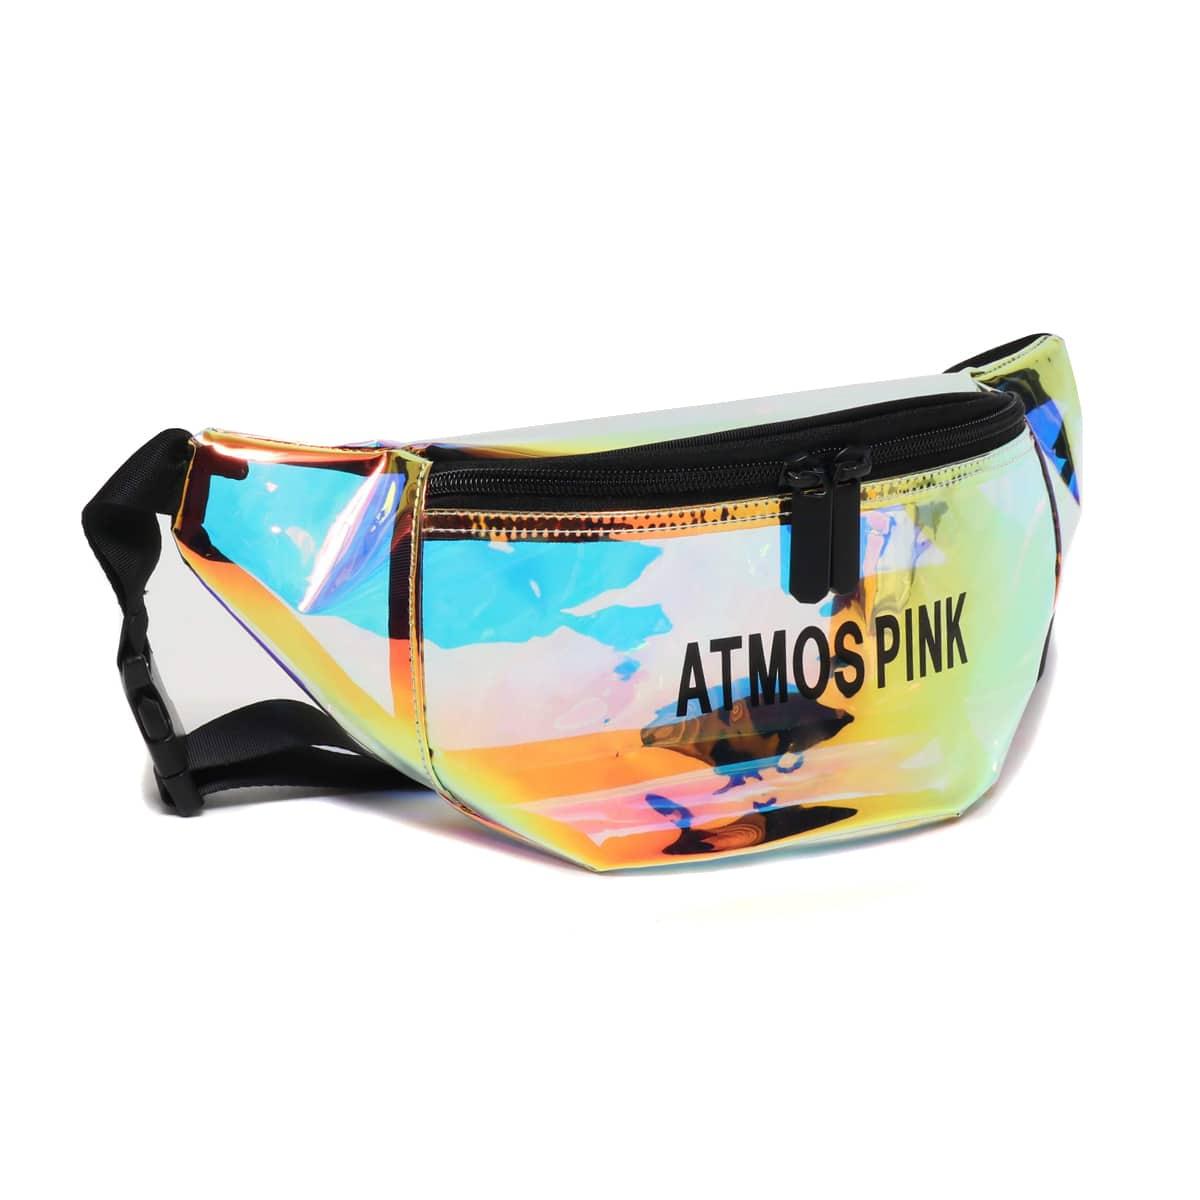 atmos pink ホログラム ウエストポーチ BLACK 19SU-I_photo_large